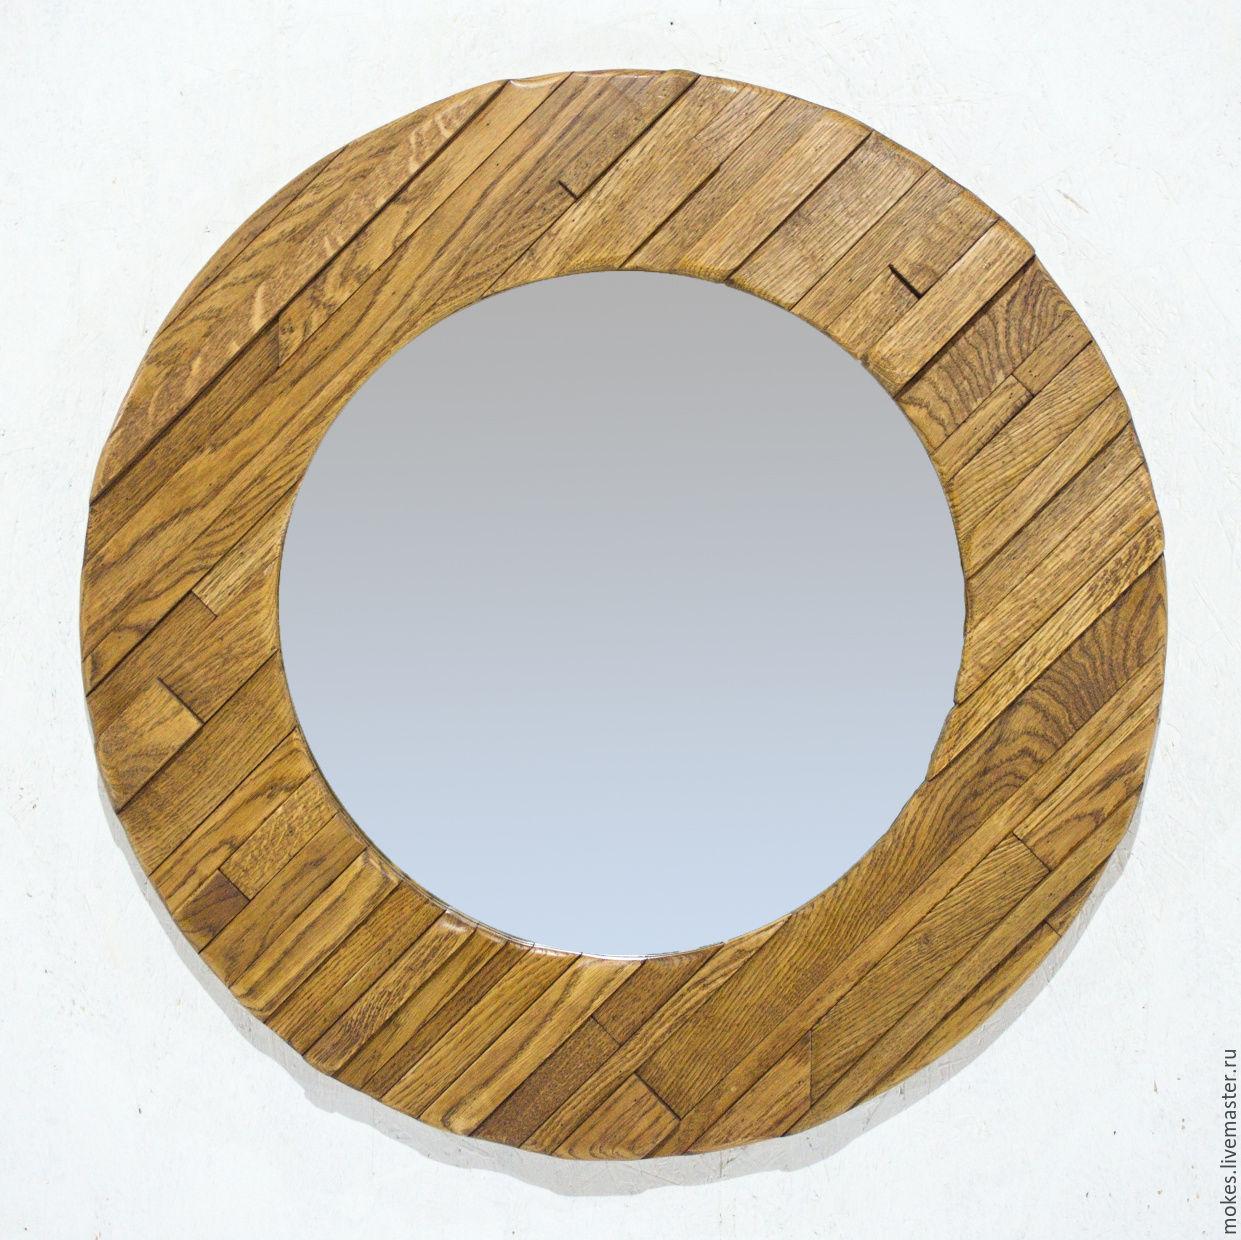 круглое настенное зеркало в раме из дуба заказать на ярмарке мастеров Alp9nru зеркала москва